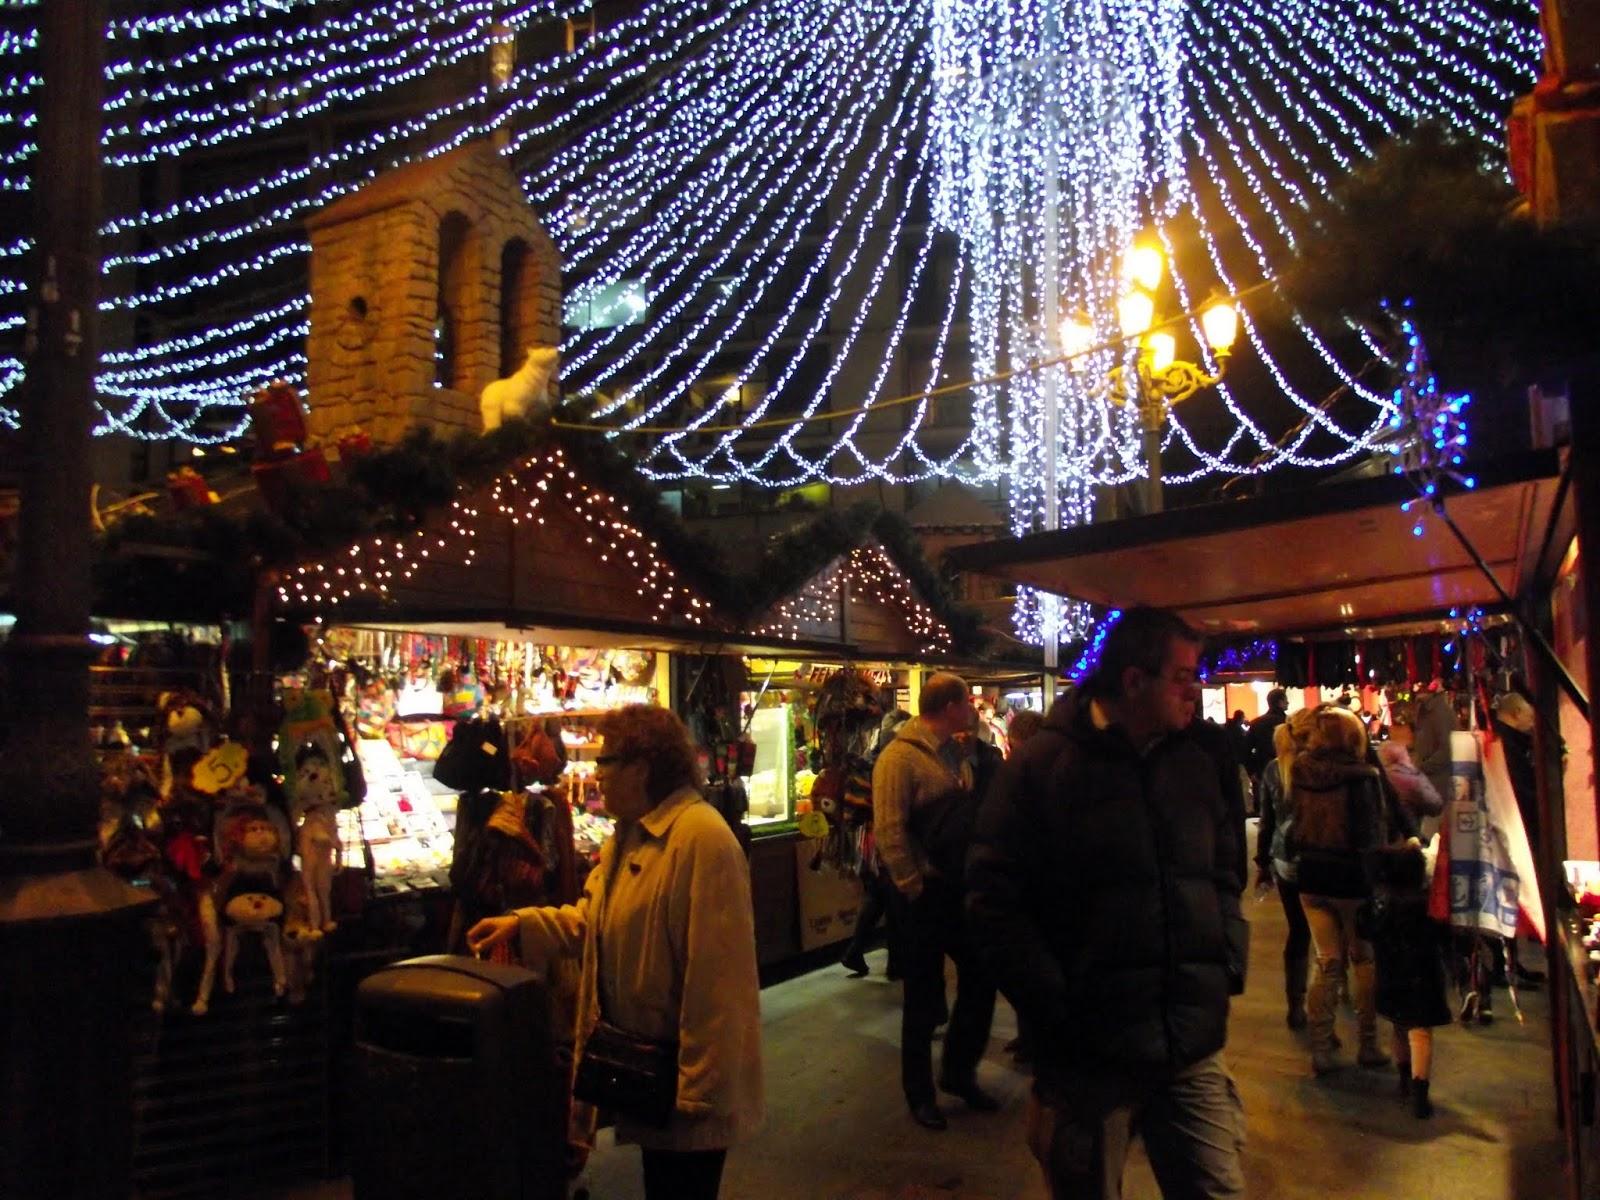 Mercados navideños, plaza de santa ana.